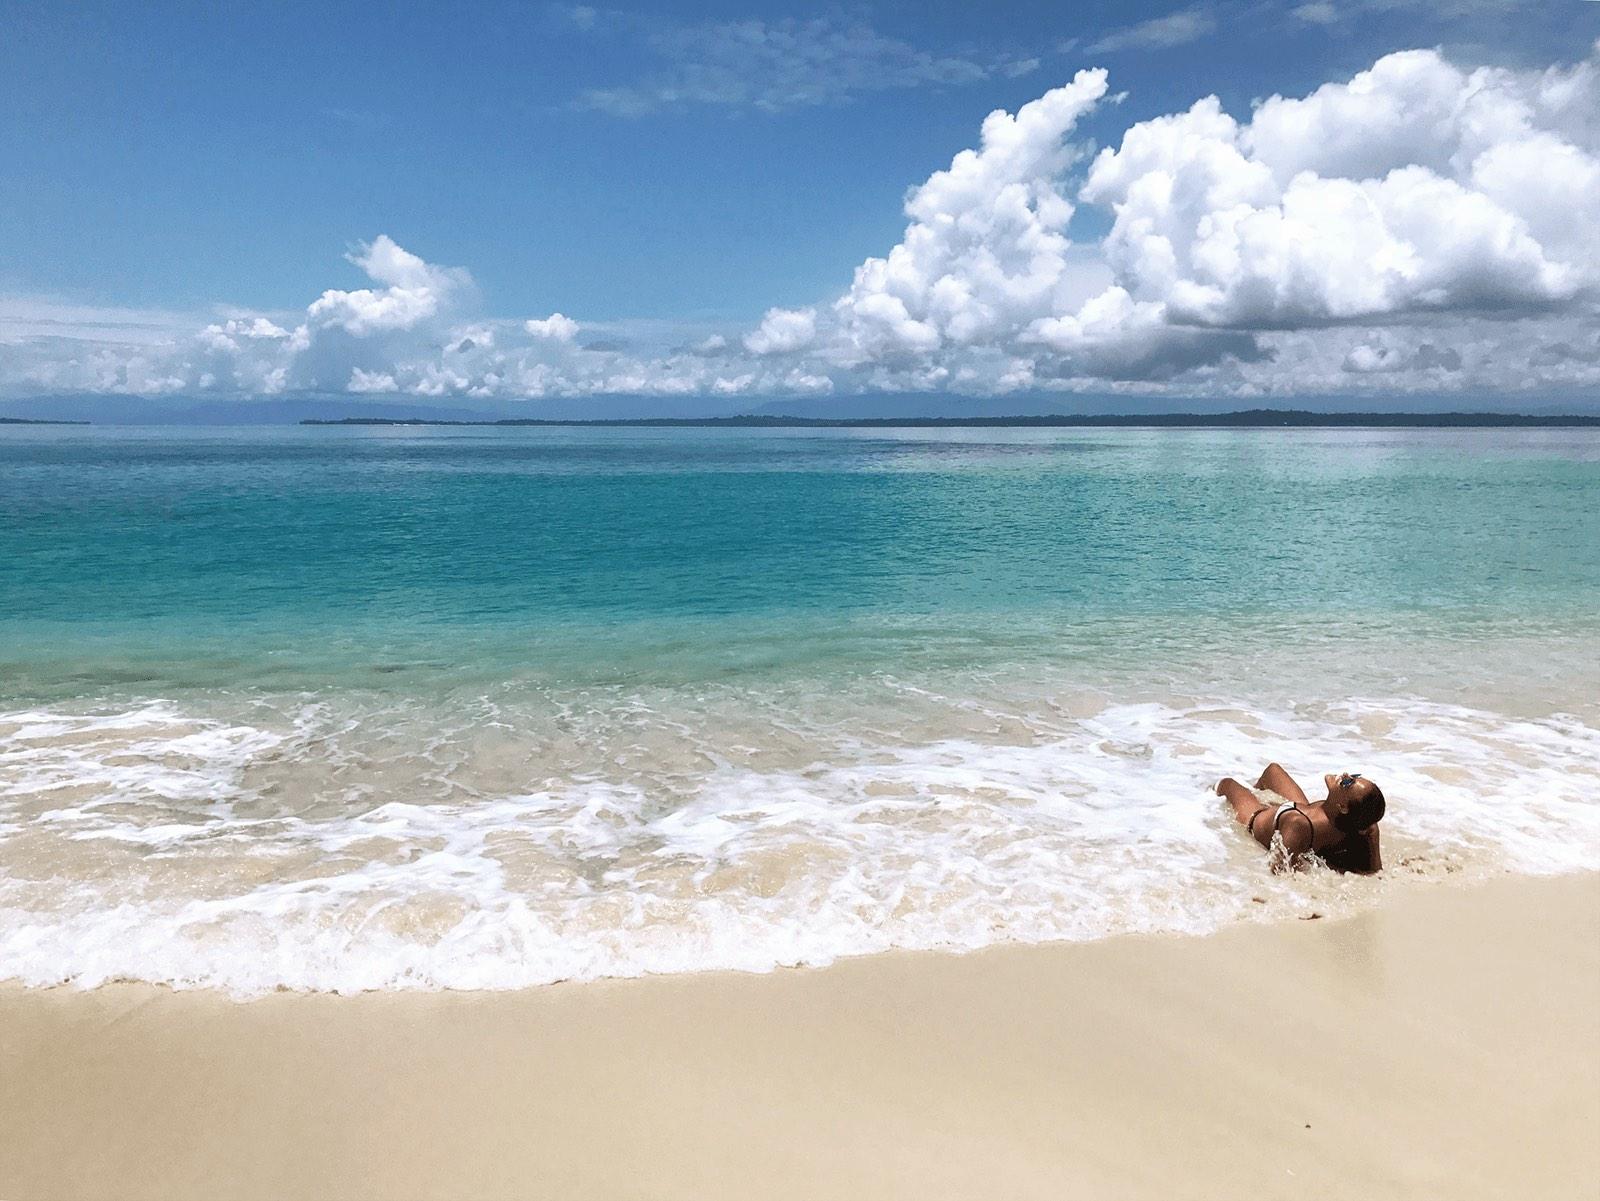 ocean waves on Isla Zapatilla Bocas del Toro, Panama